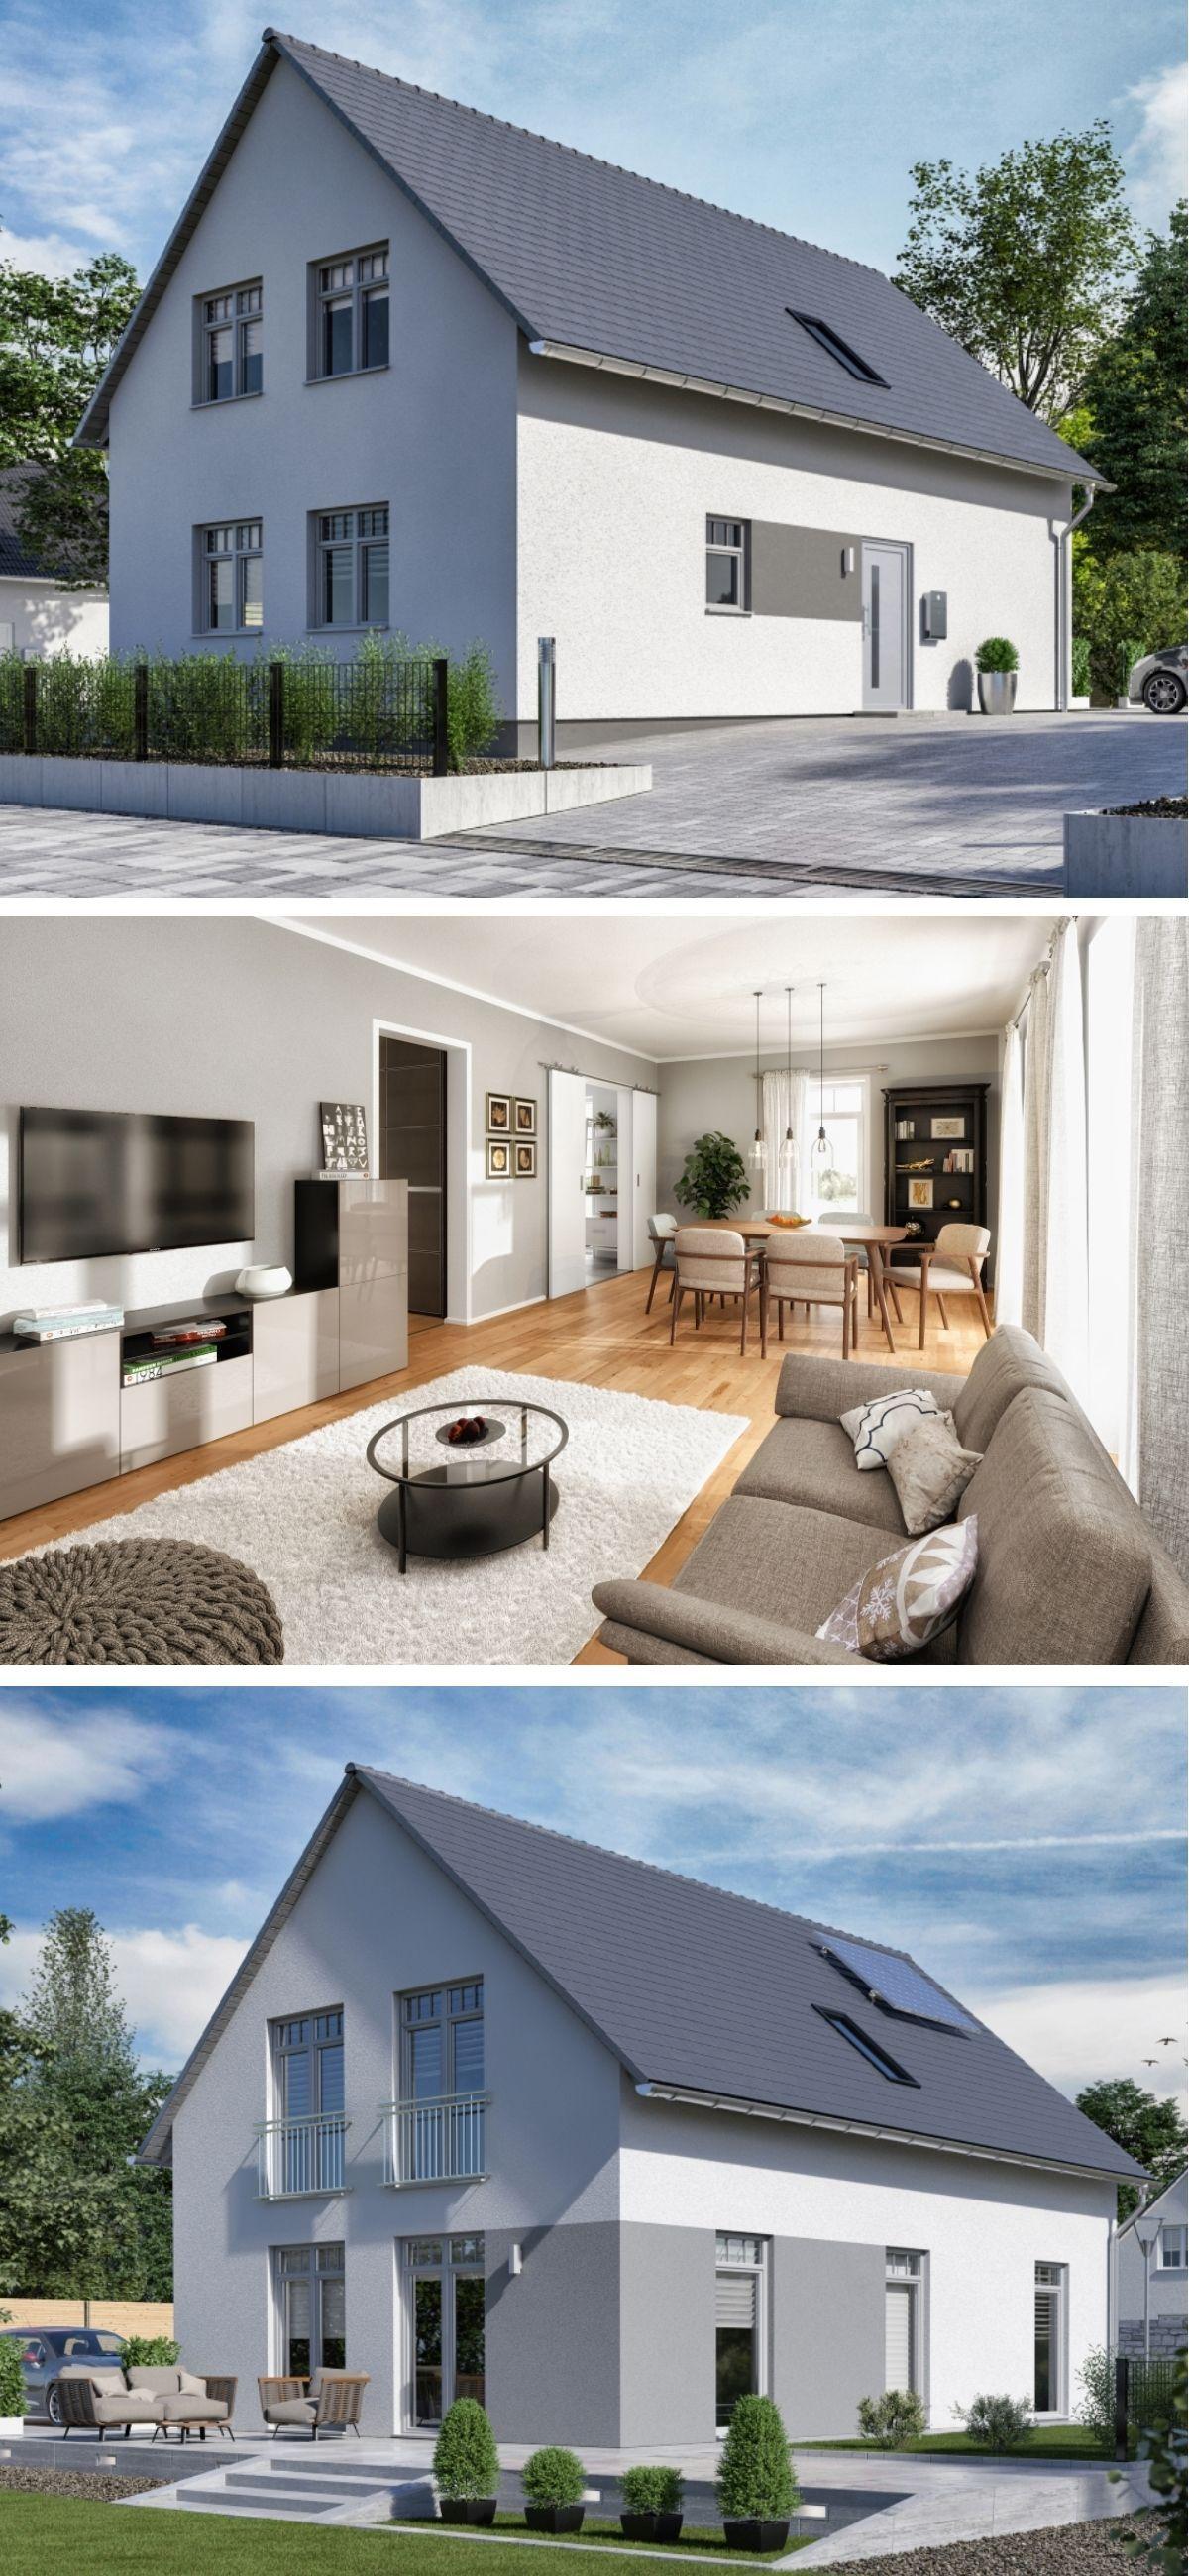 Modernes einfamilienhaus design klassisch mit satteldach for Einfamilienhaus klassisch